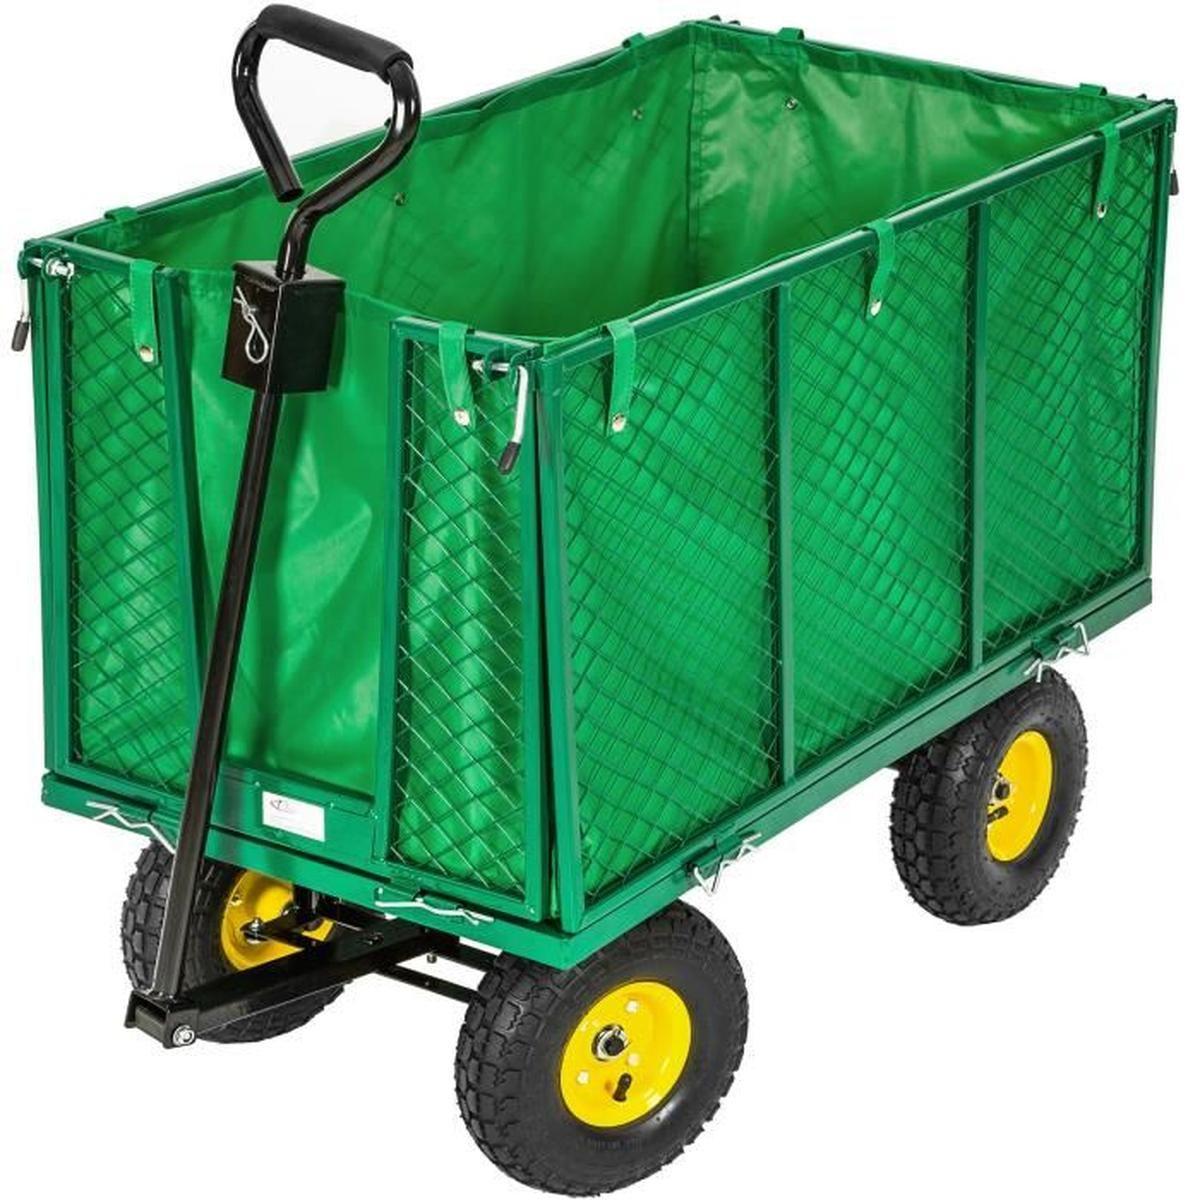 Tectake Chariot De Jardin + Bâche Charge Maximum 544 Kg Vert ... concernant Chariot De Jardin 4 Roues